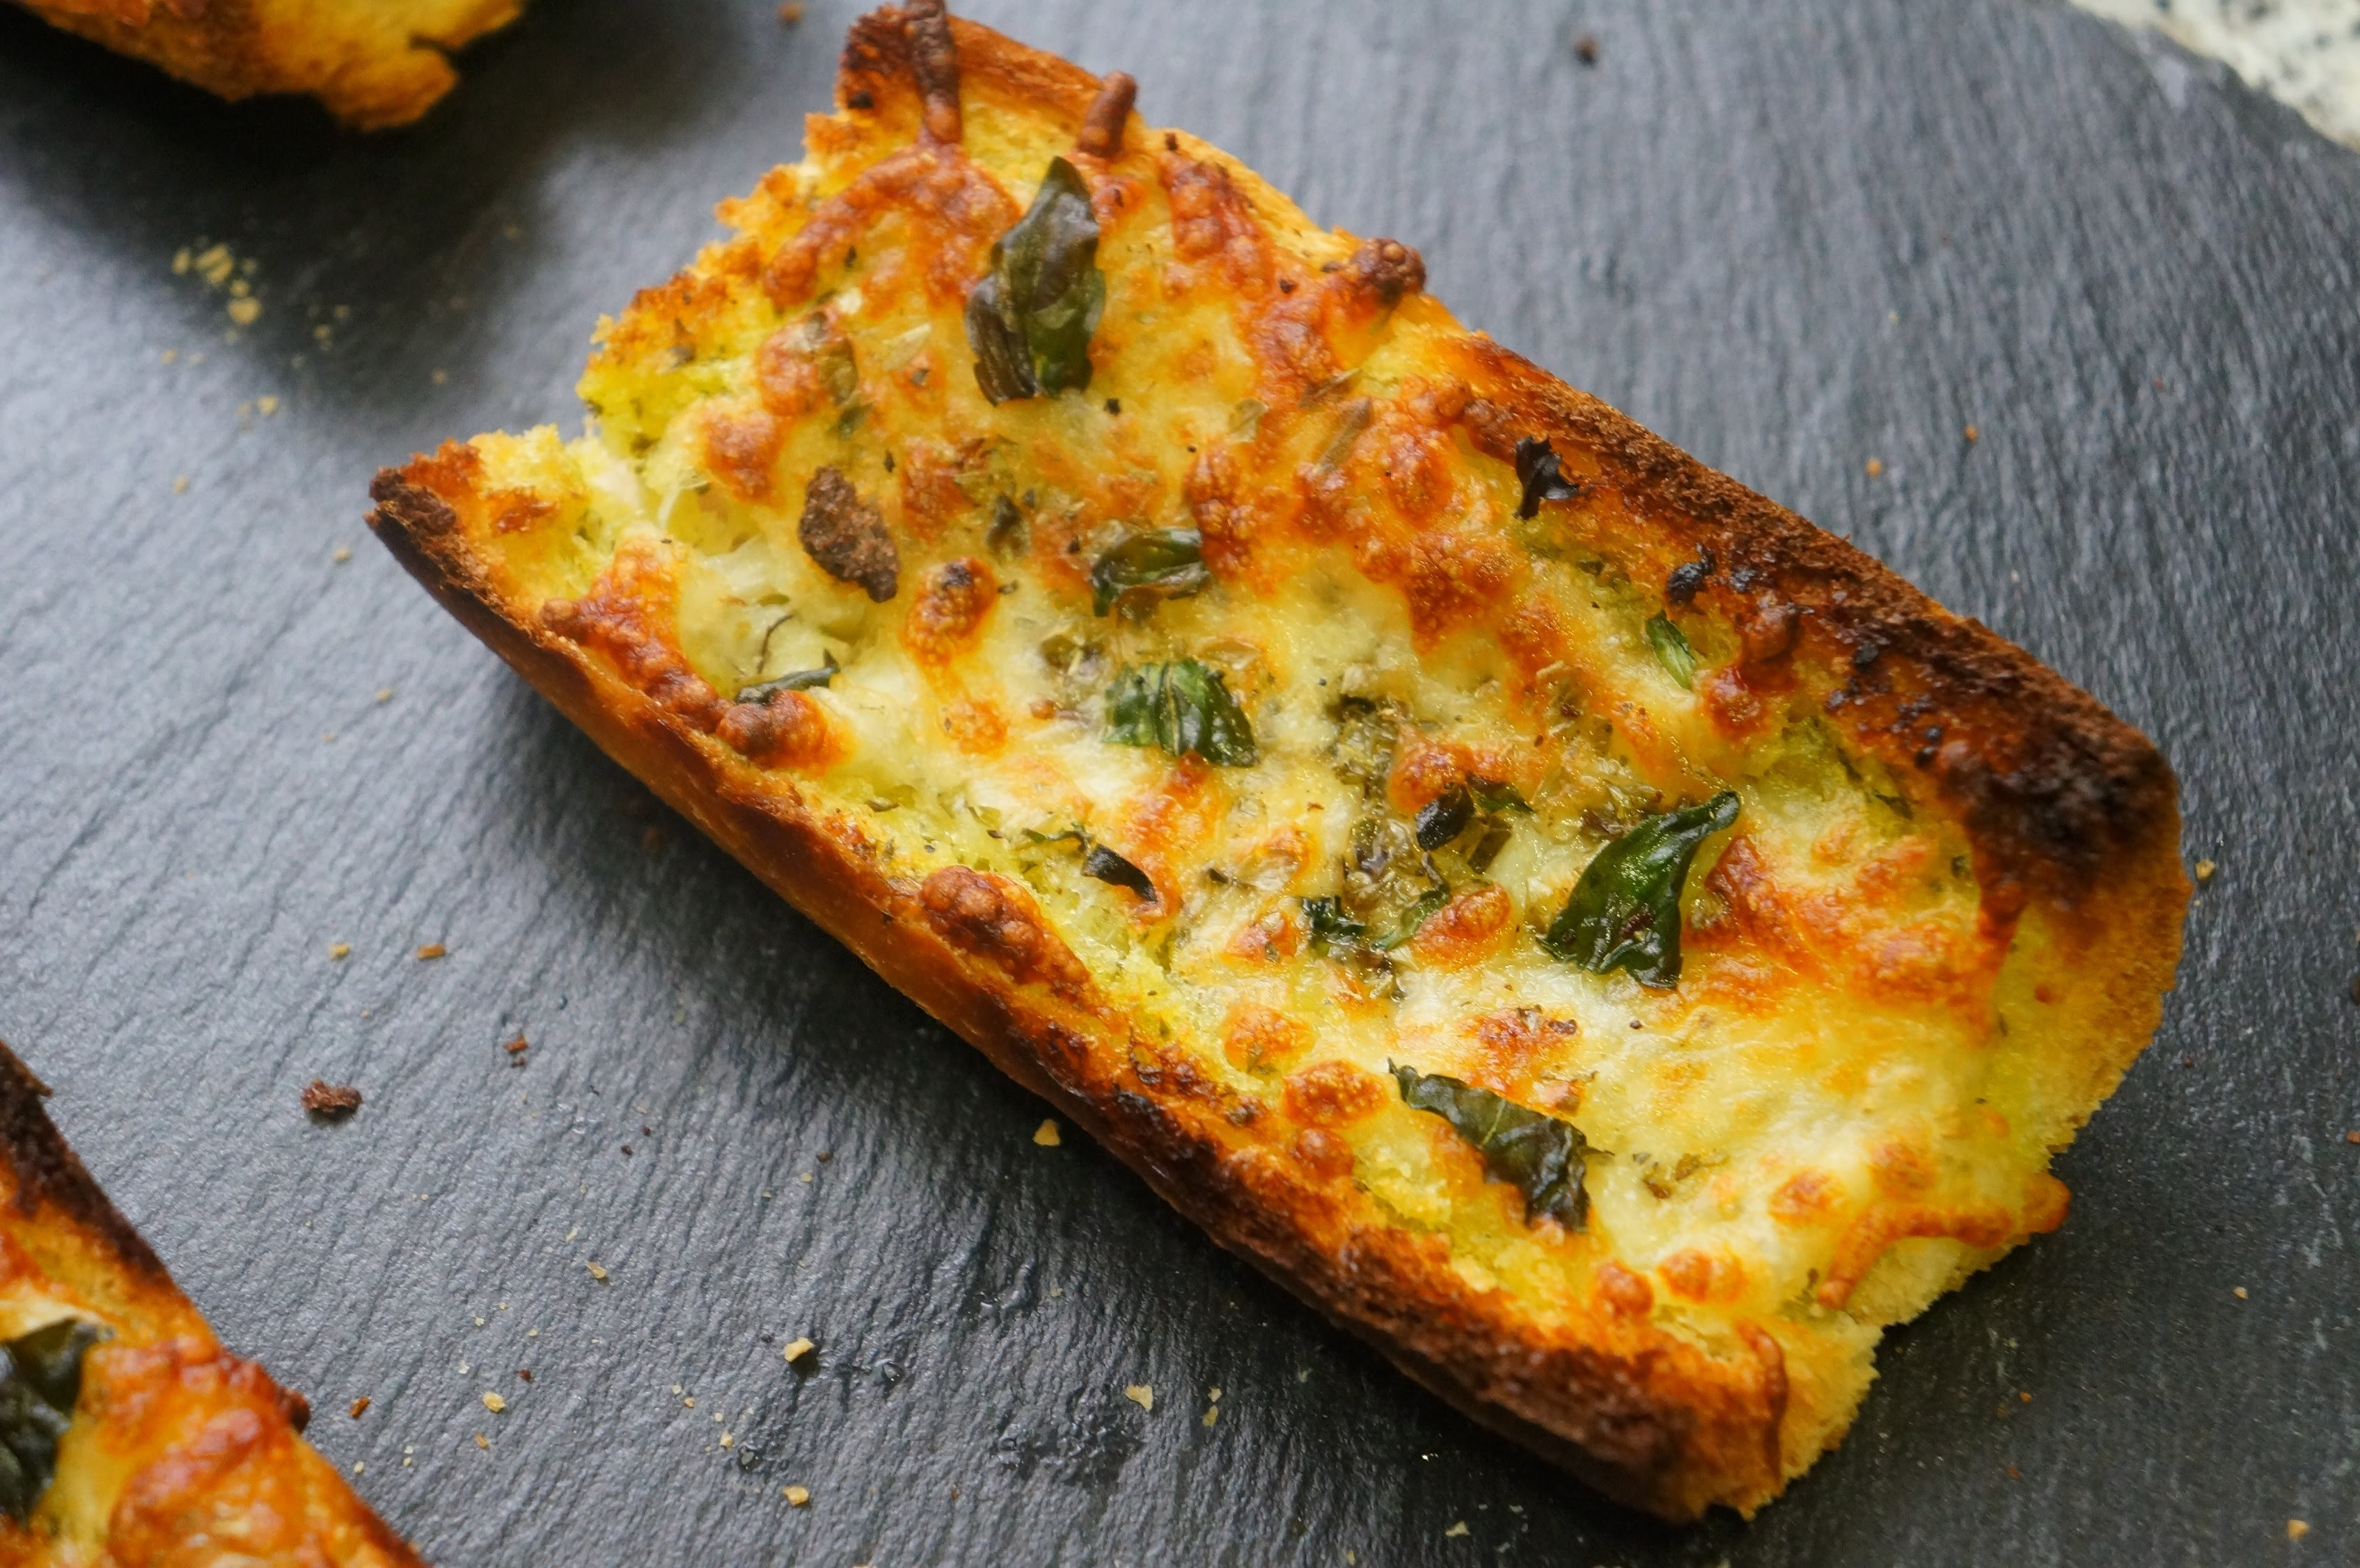 Pan de ajo con queso | Aperitivo fácil y delicioso